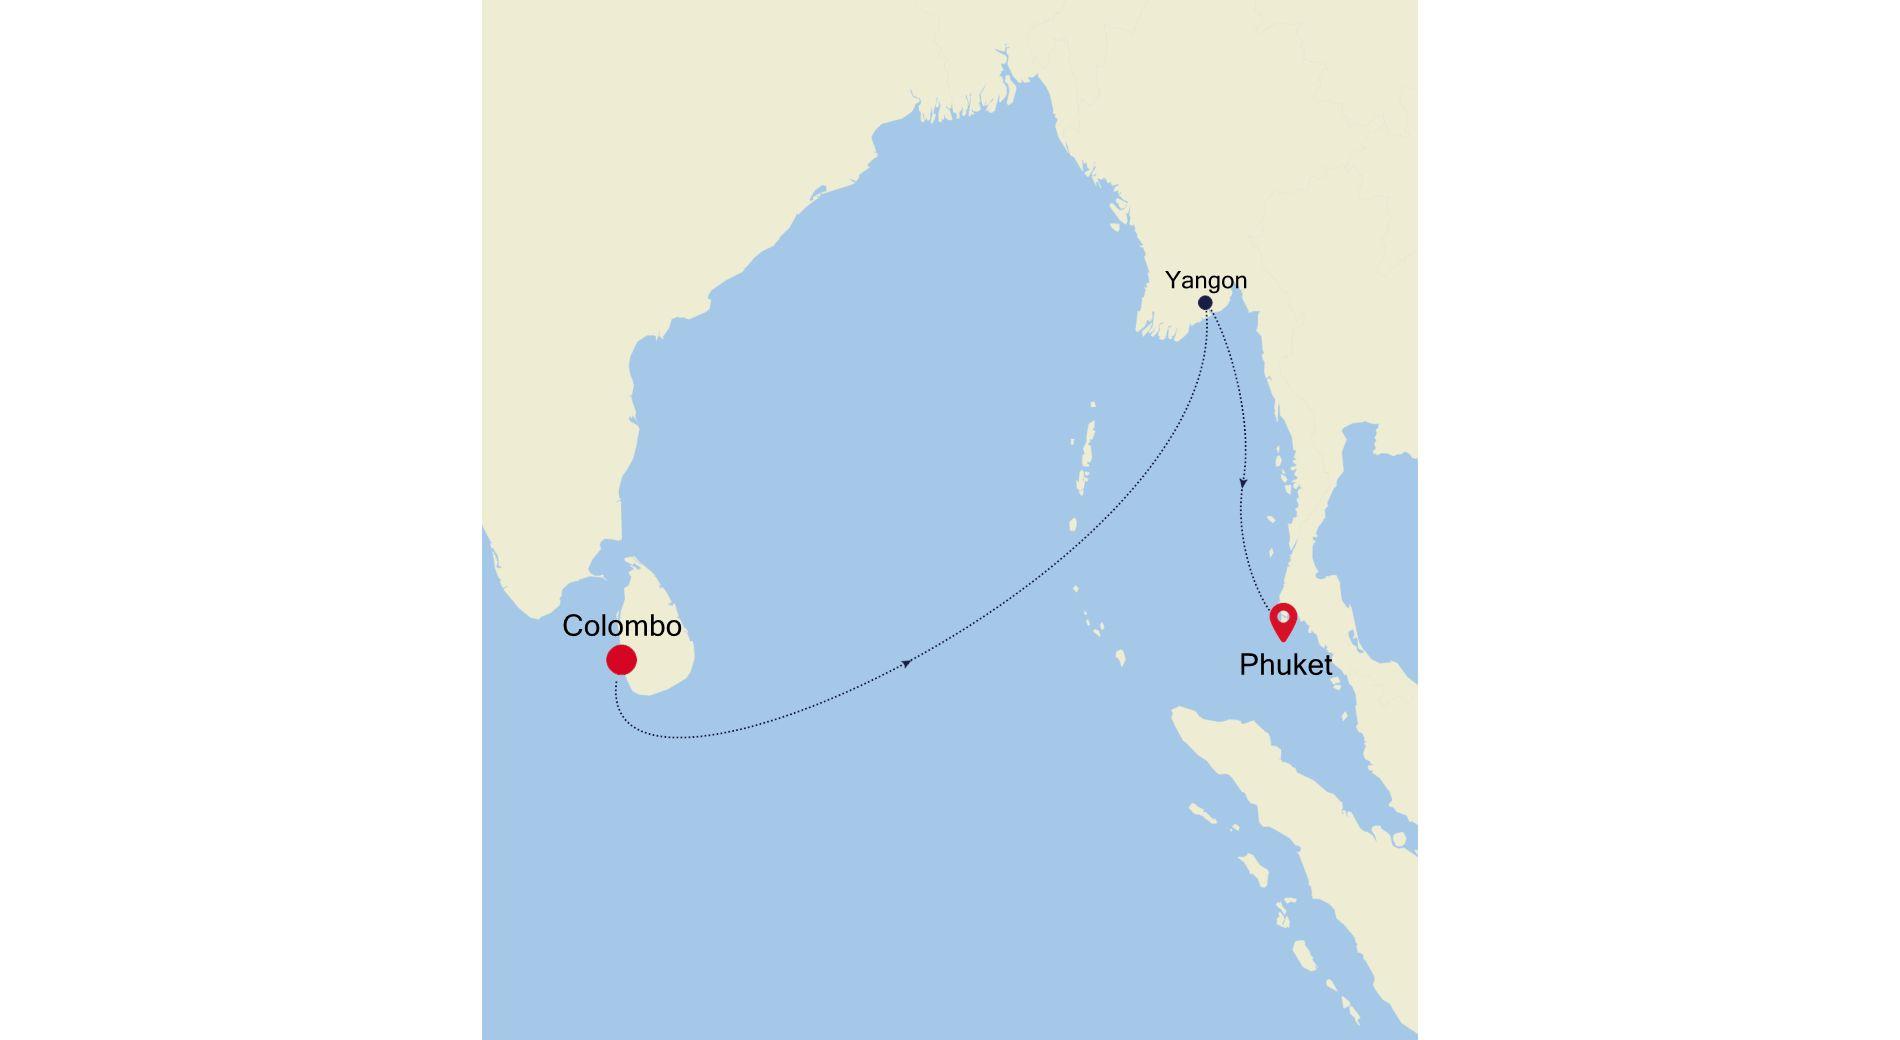 5934C - Colombo to Phuket